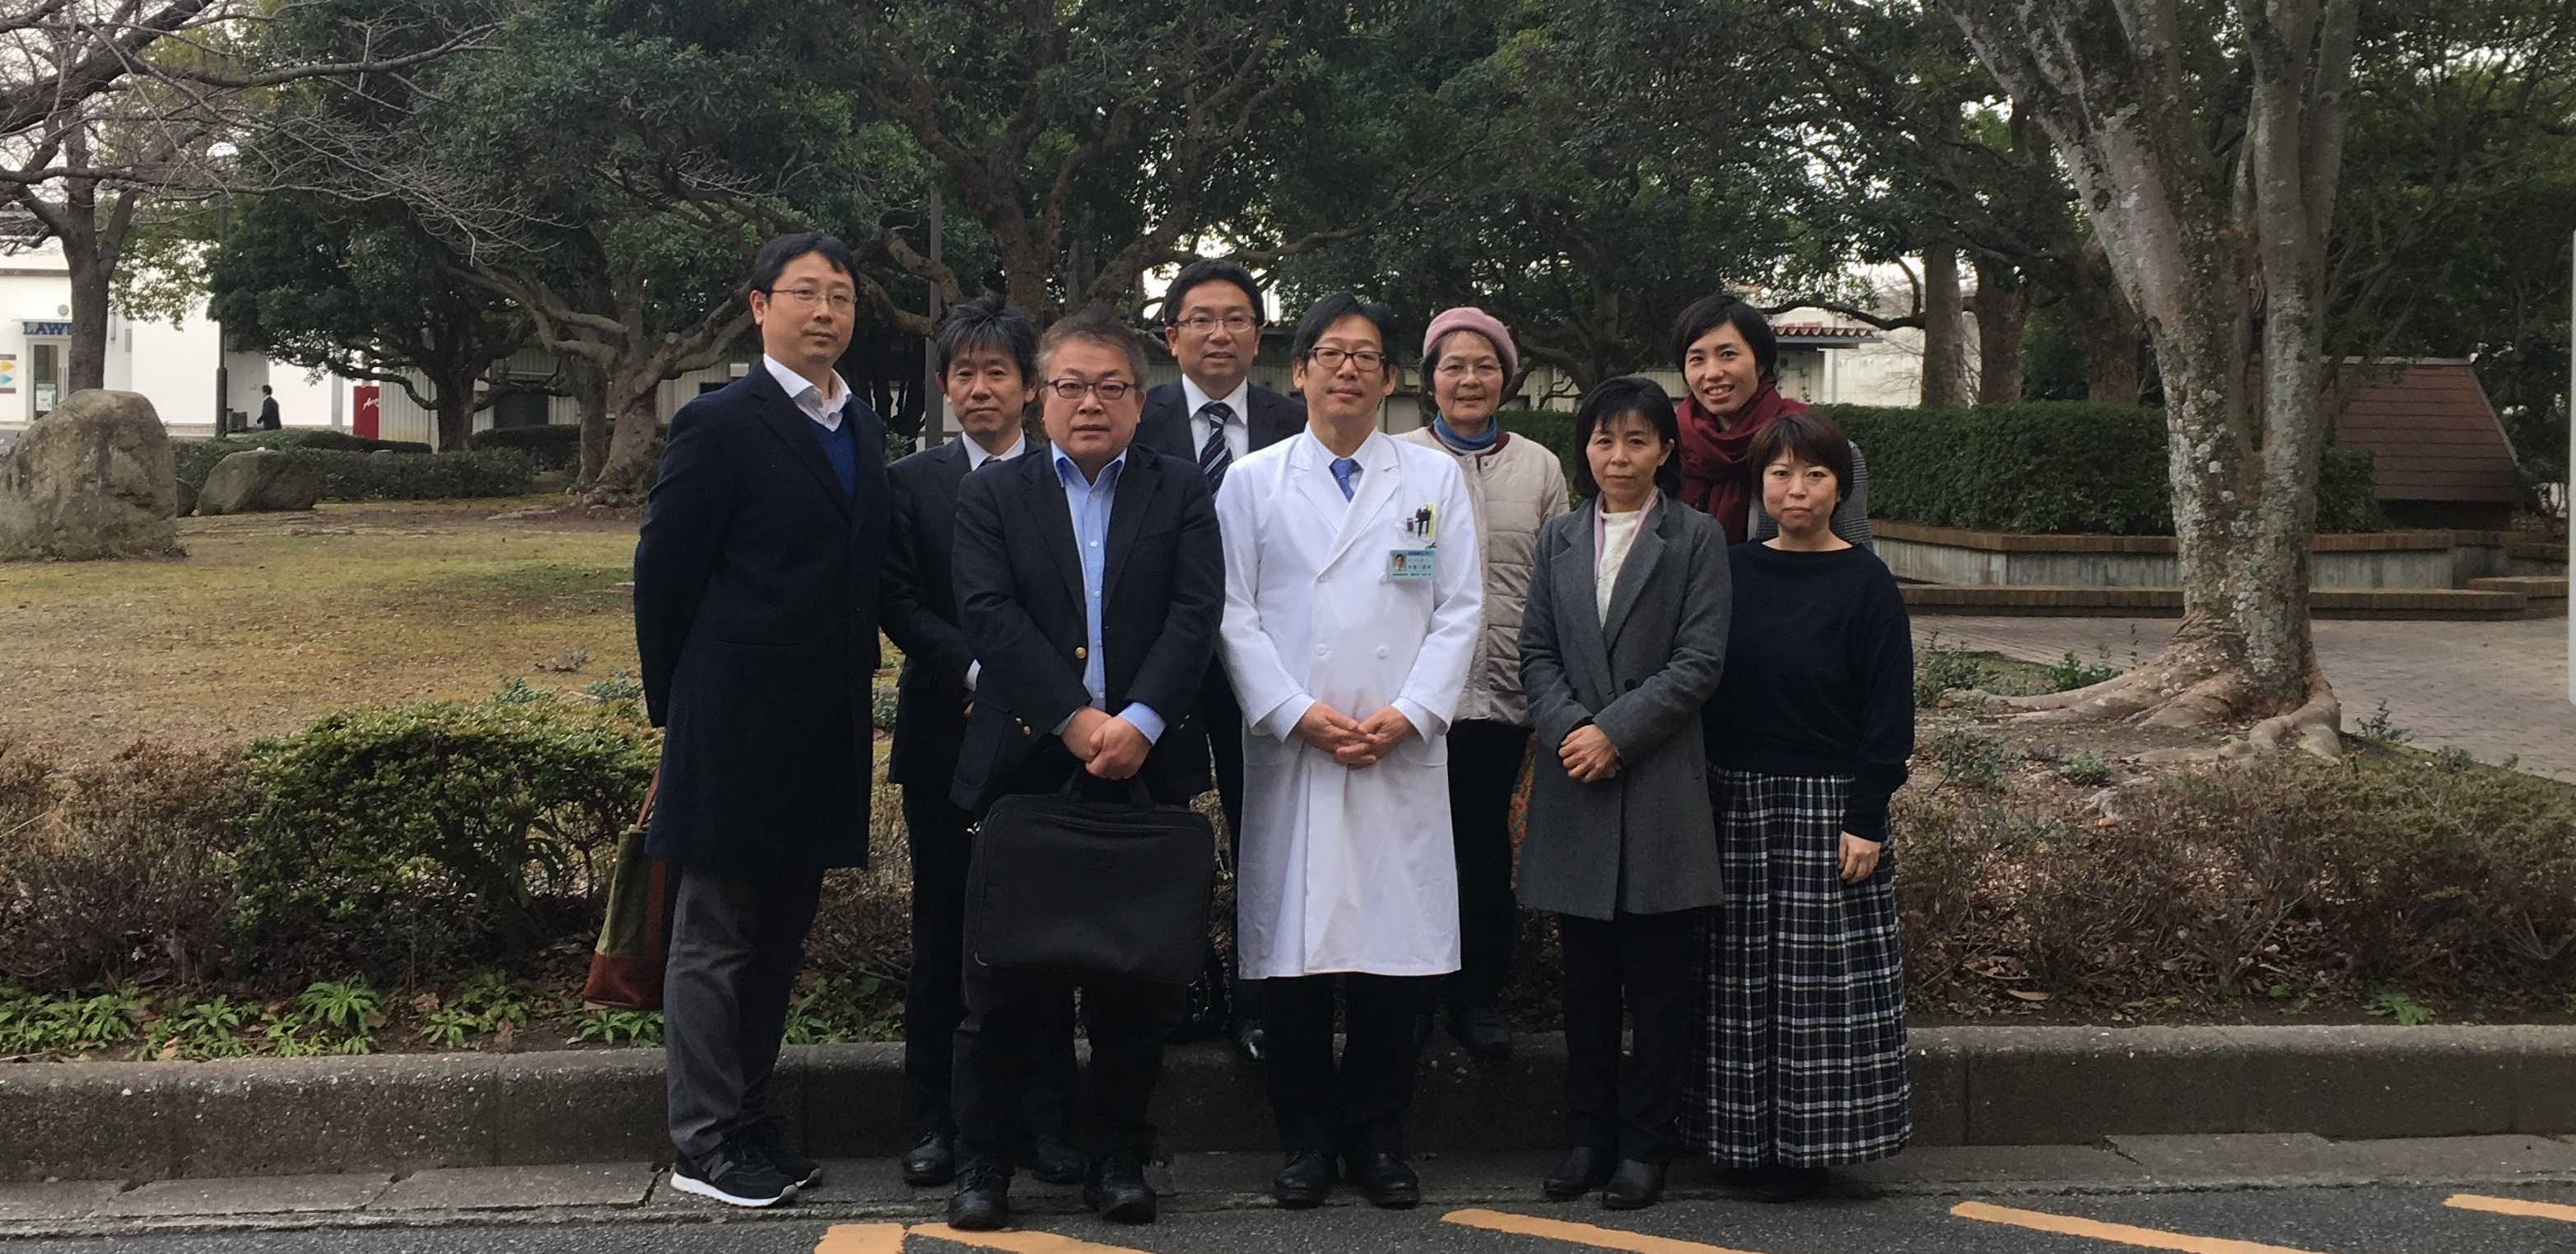 患者が行く! 研究室訪問「バイオ人工膵島移植の実現に向けて」福岡大学 小玉正太先生